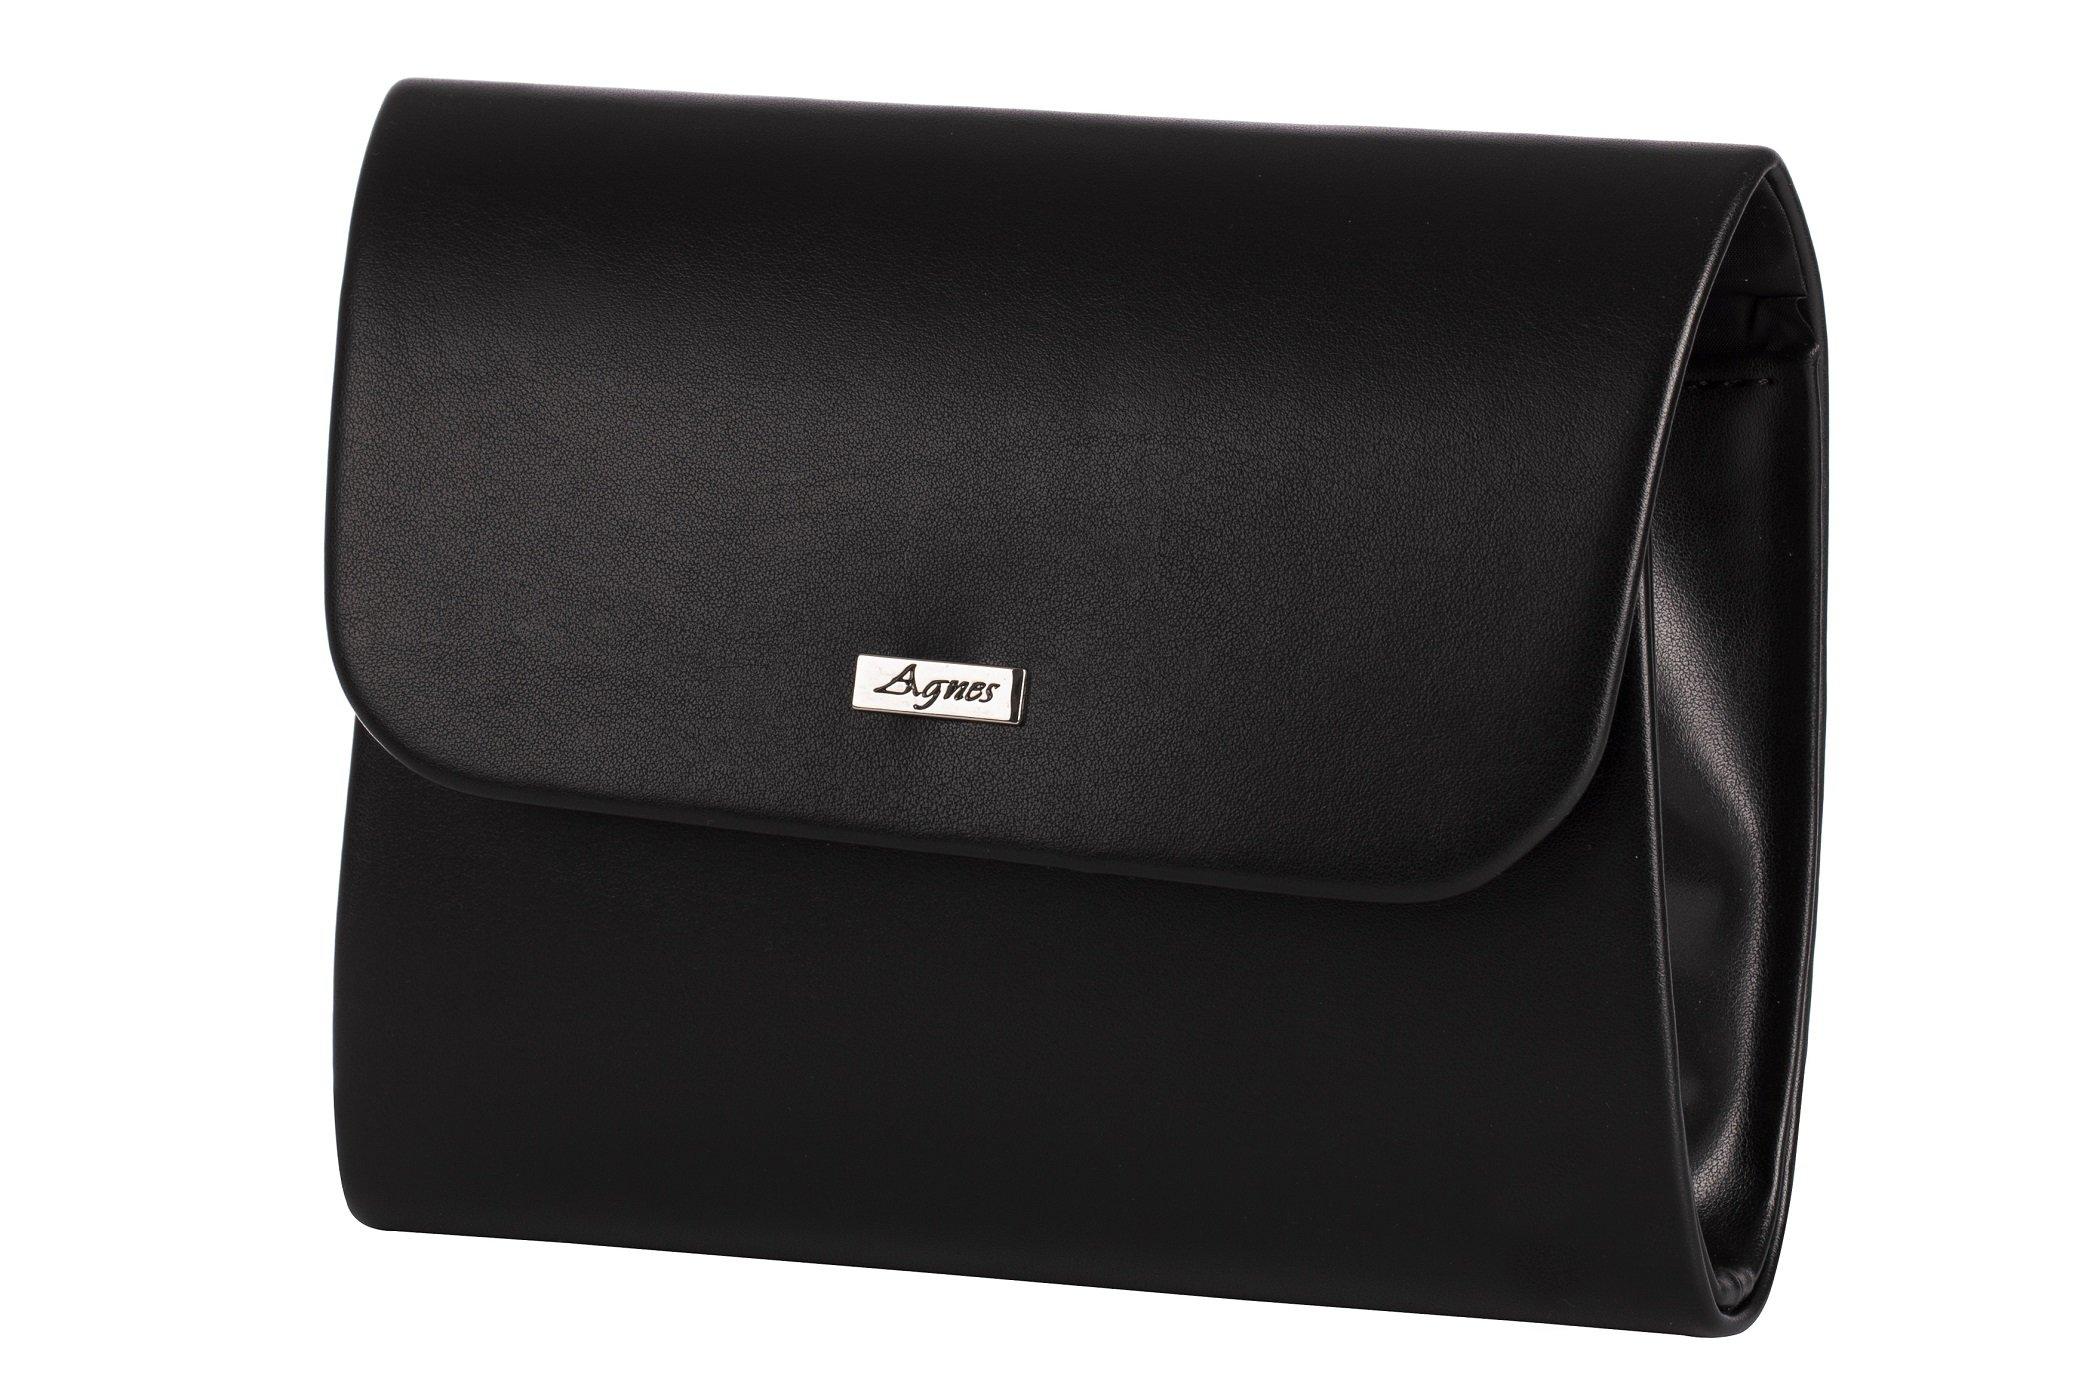 de7dab4cd08e1 Modna damska torebka wizytowa mała, lakierowna, cena - sklep | MB ...